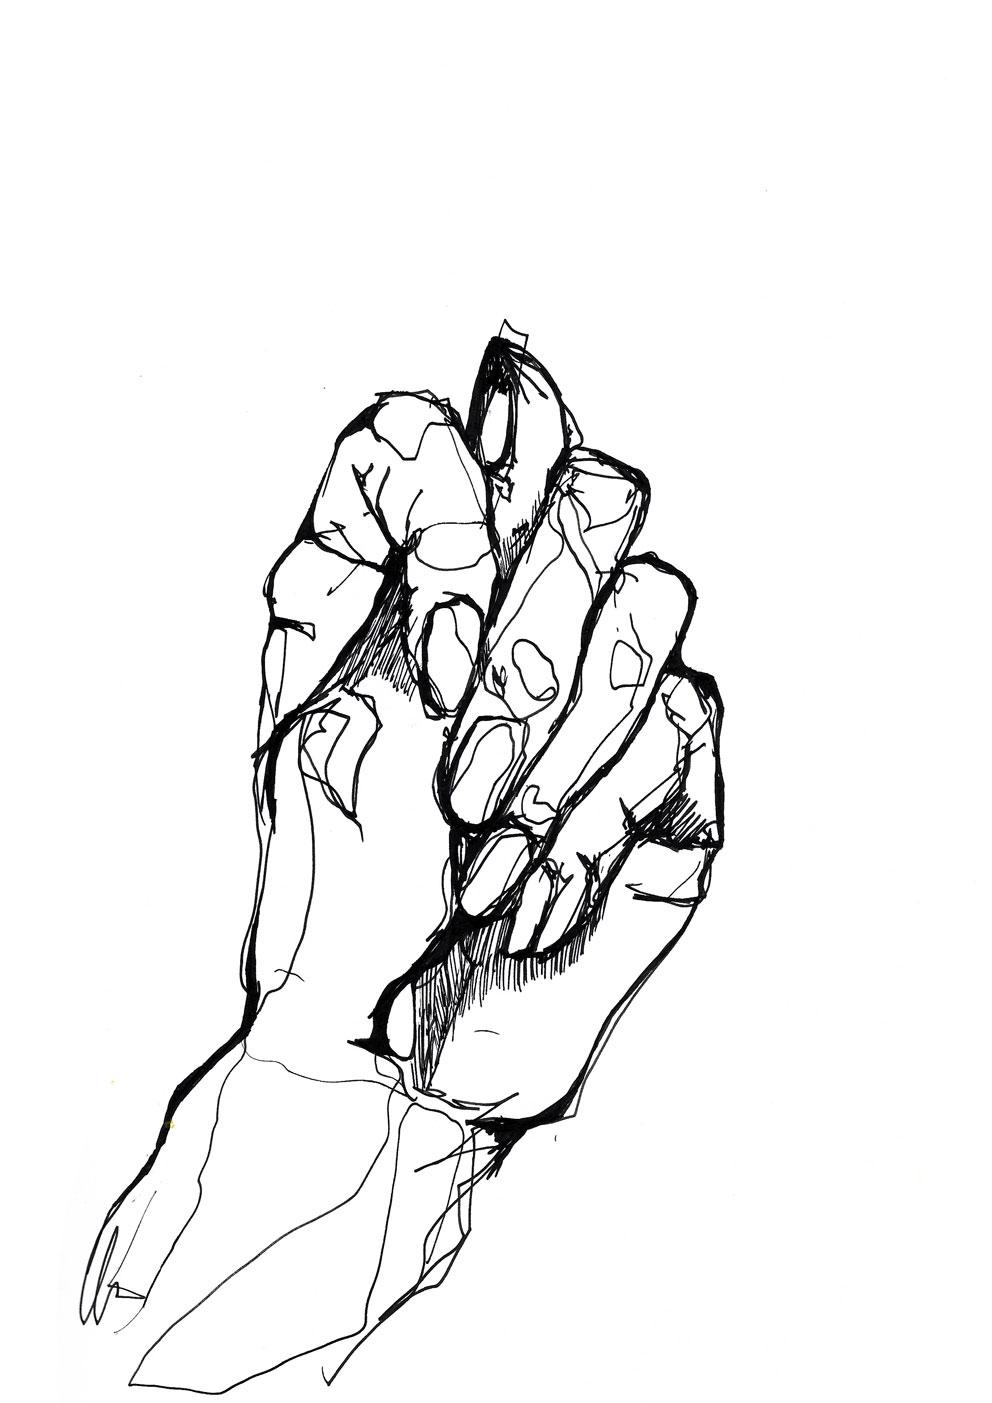 bläck_hand.jpg